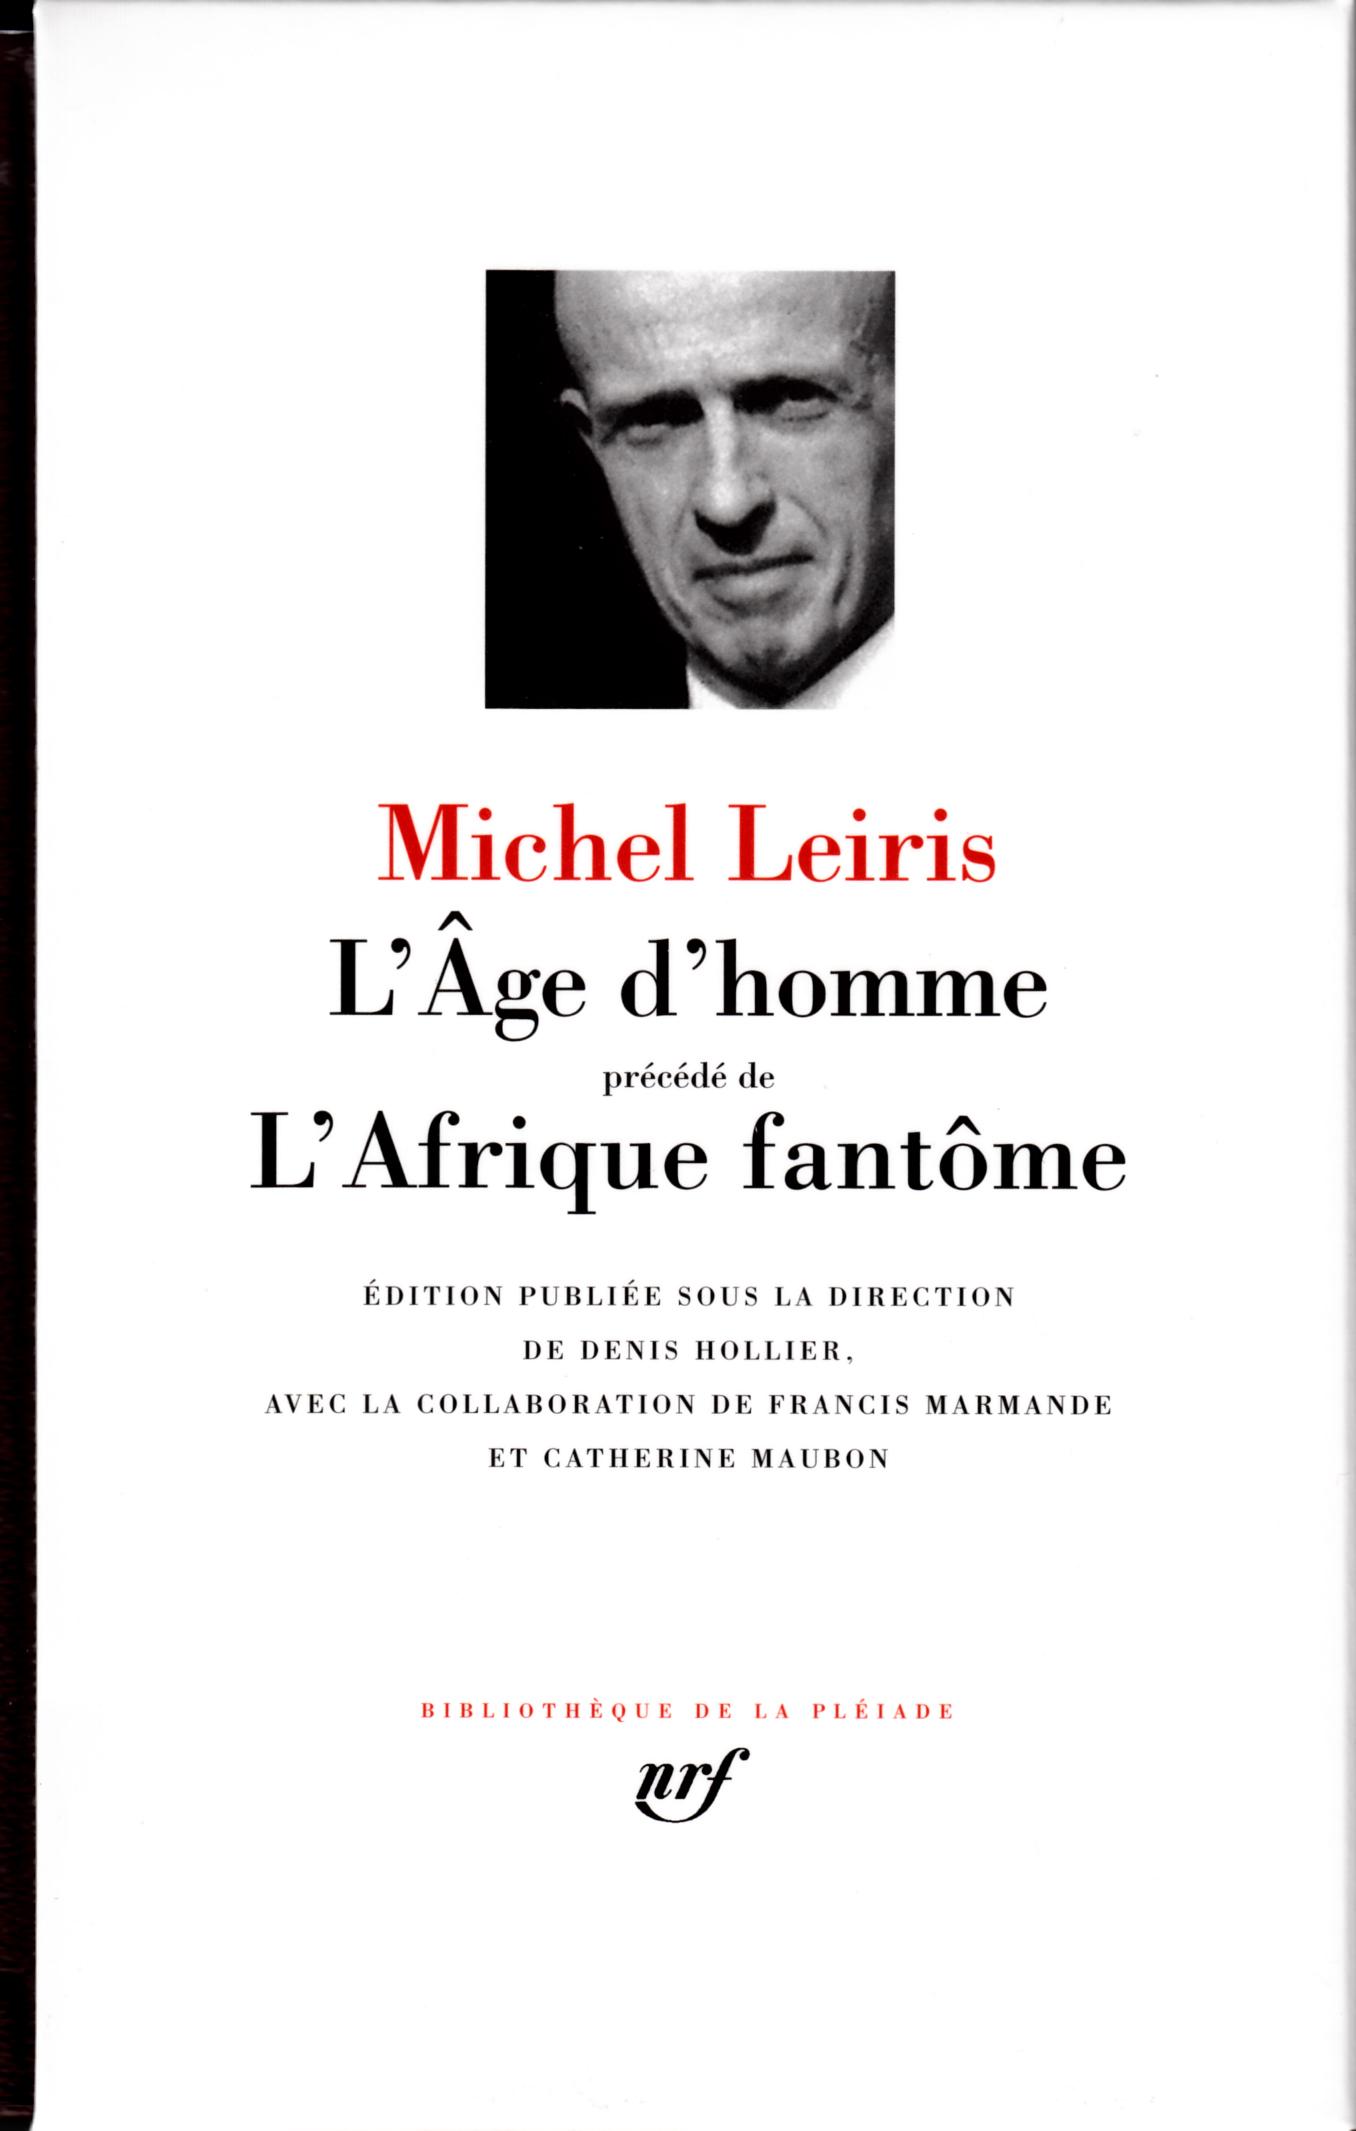 L'AGE D'HOMME